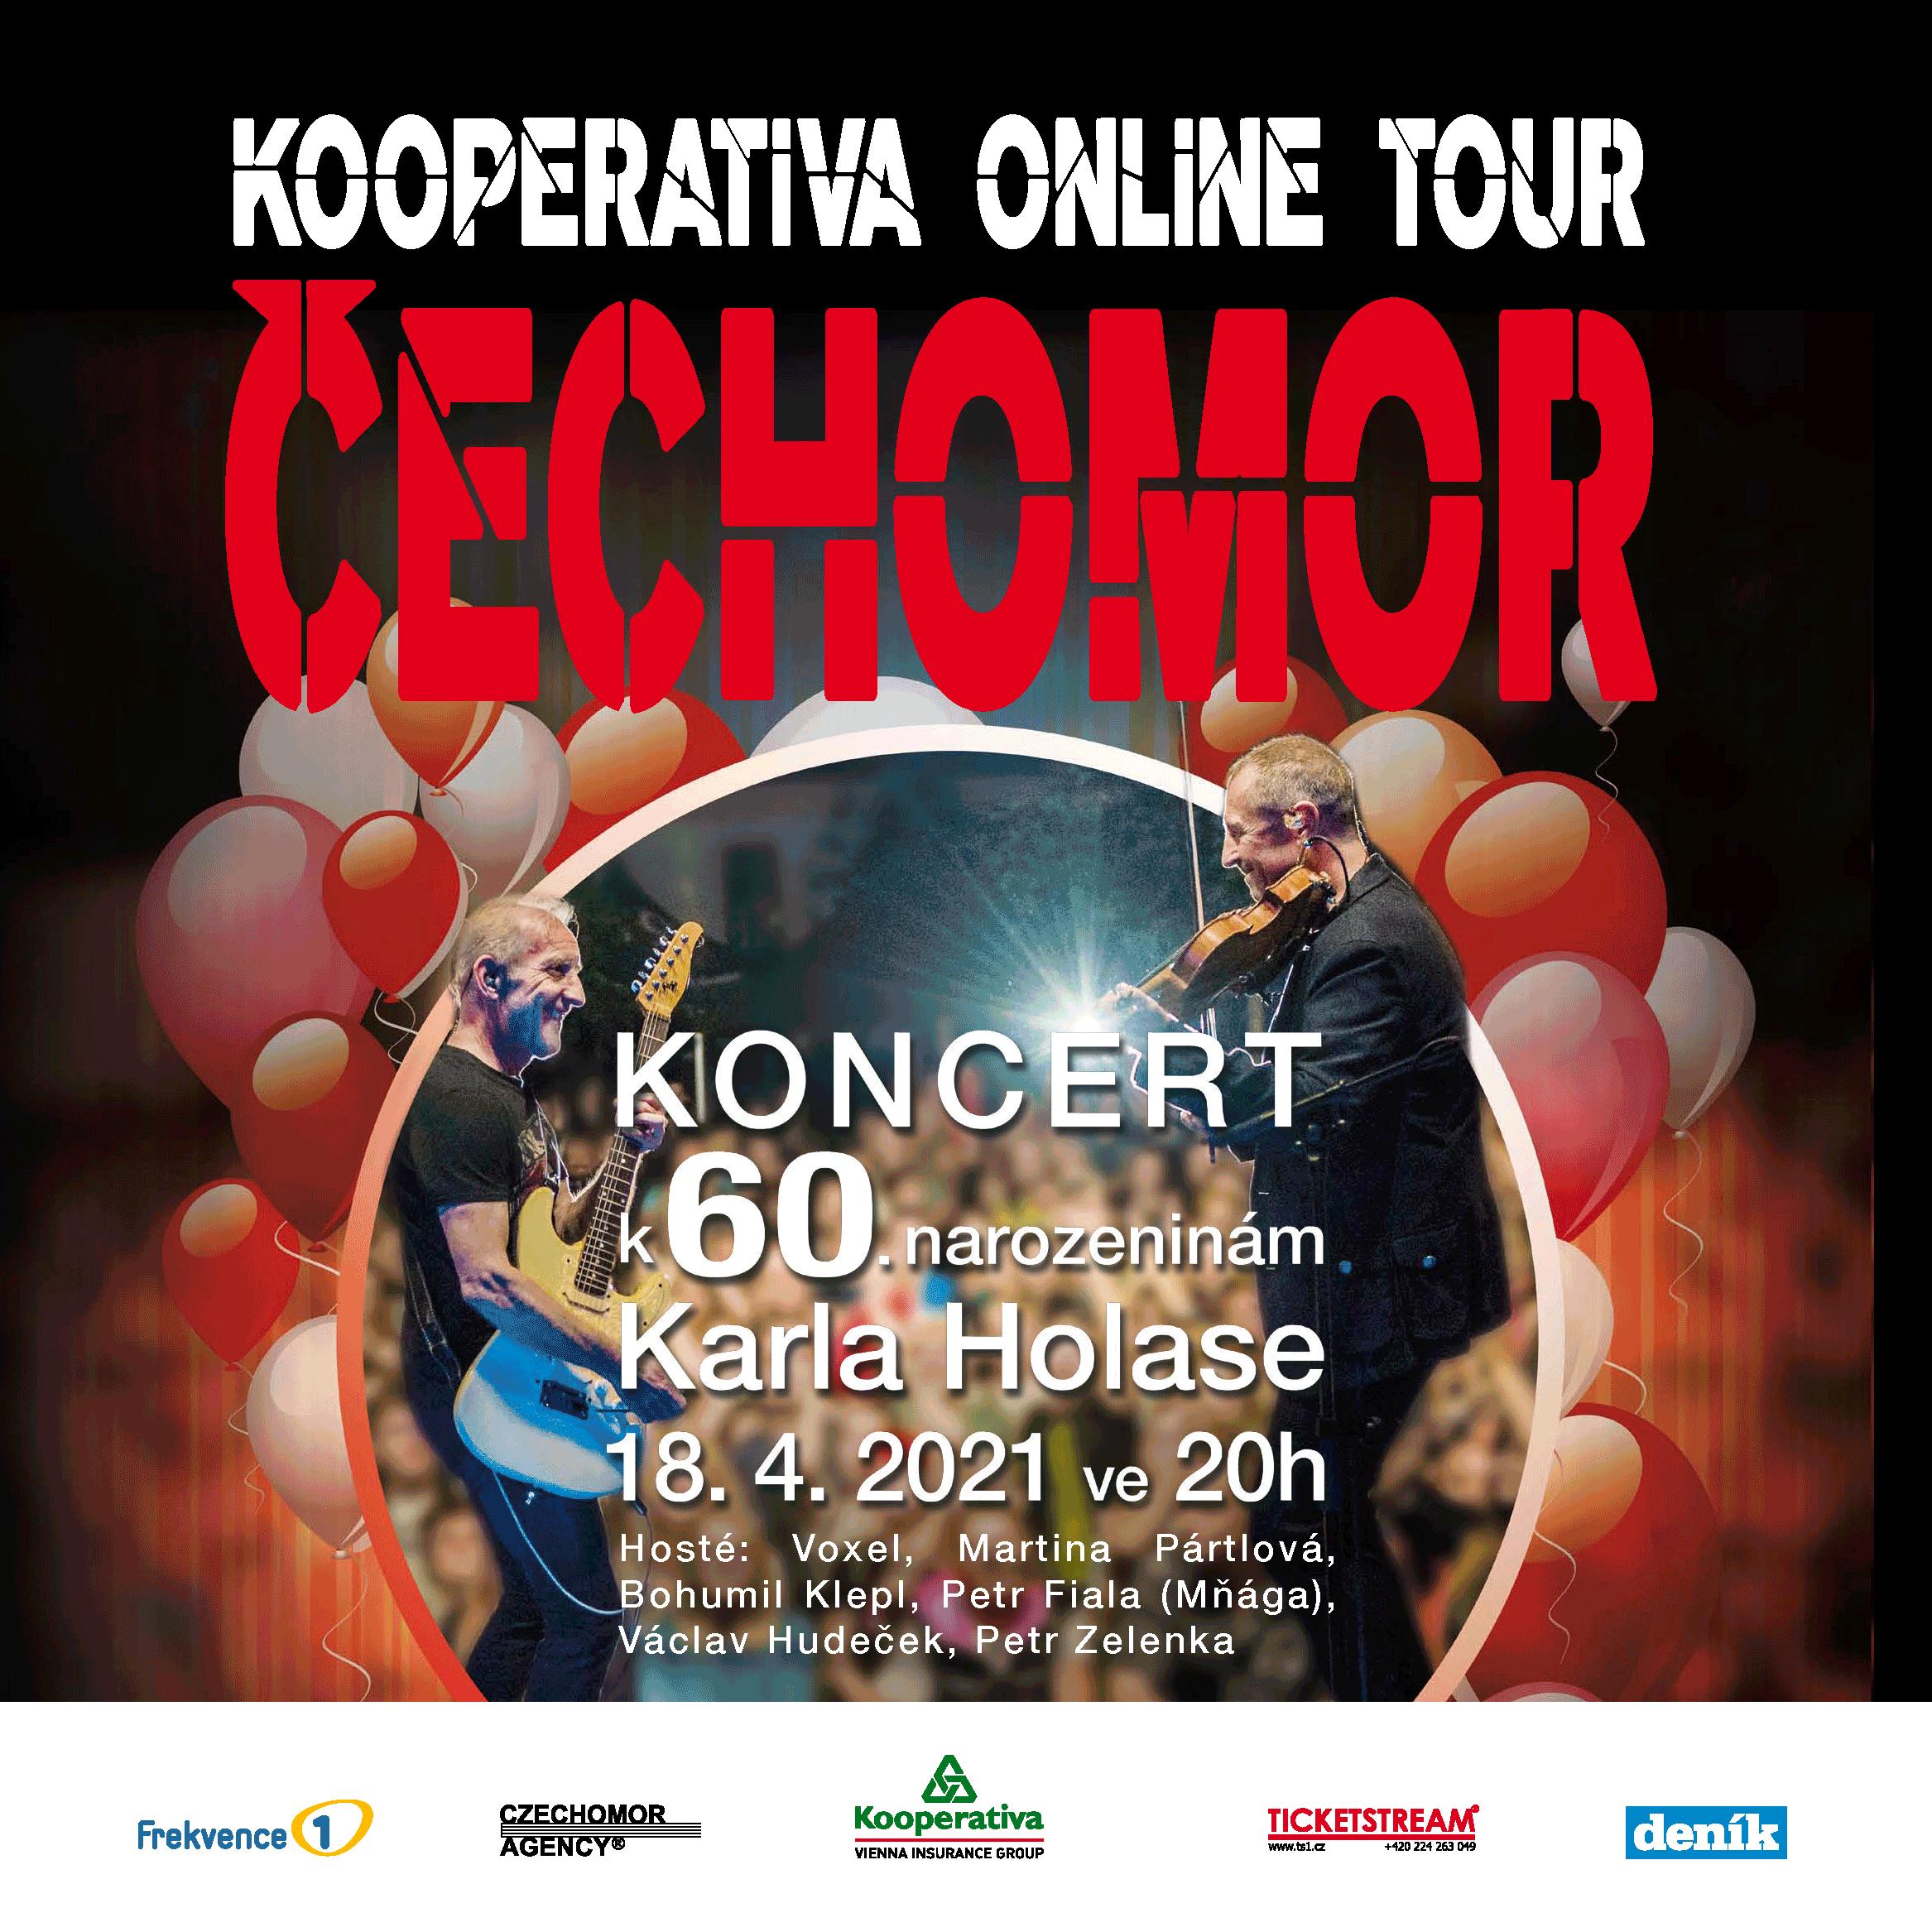 ČECHOMOR/KOOPERATIVA ONLINE TOUR/ -Livestream ČR